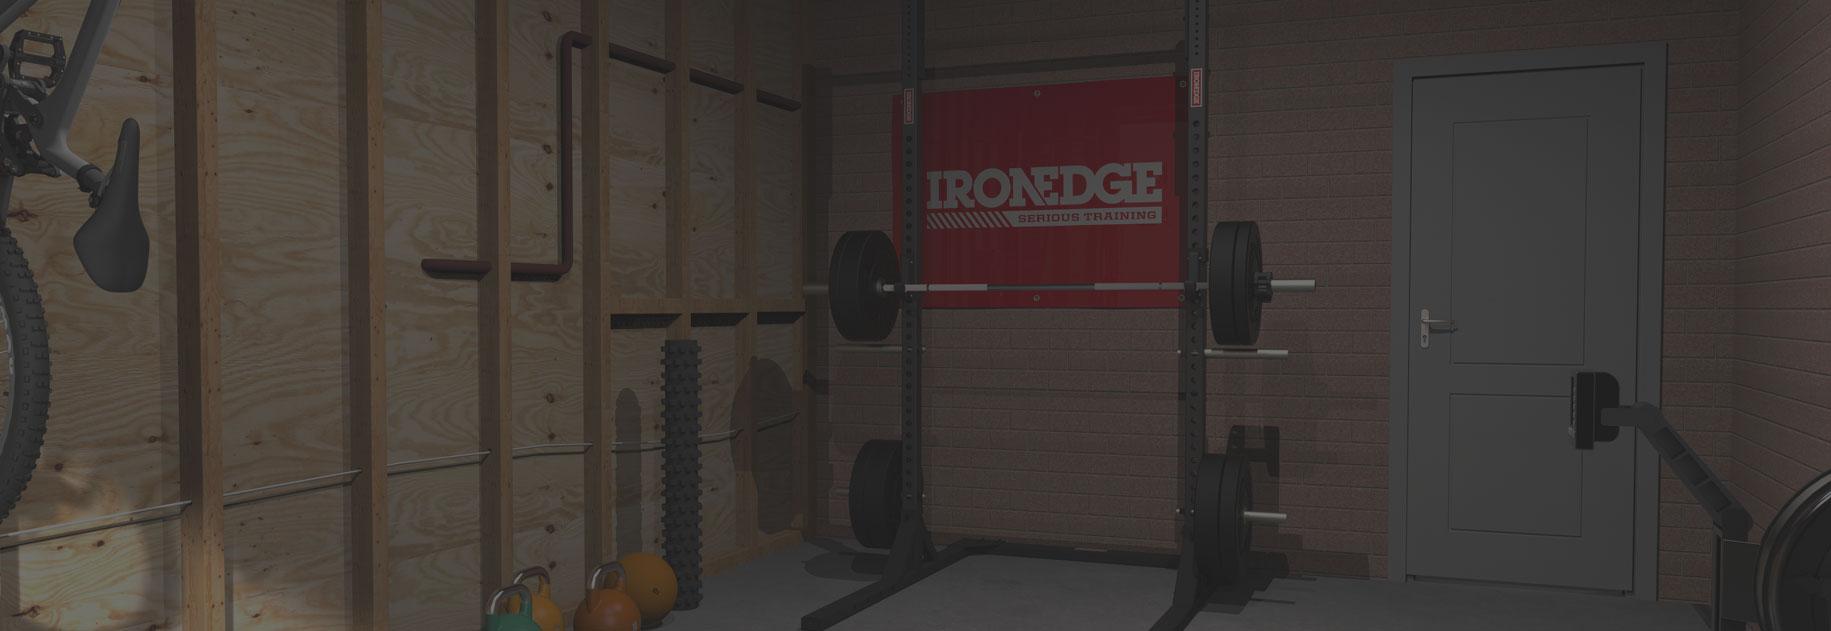 ironedge-box-banner2